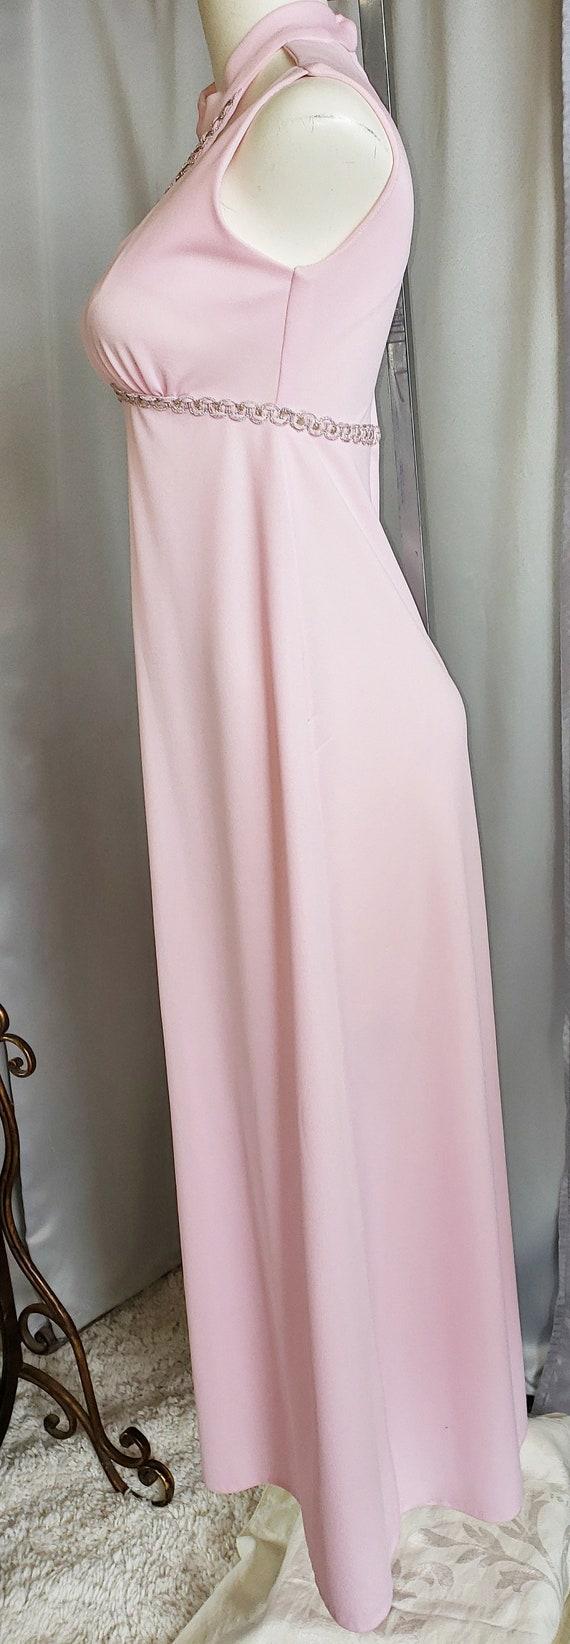 1960's Pink Princess Dress - image 5